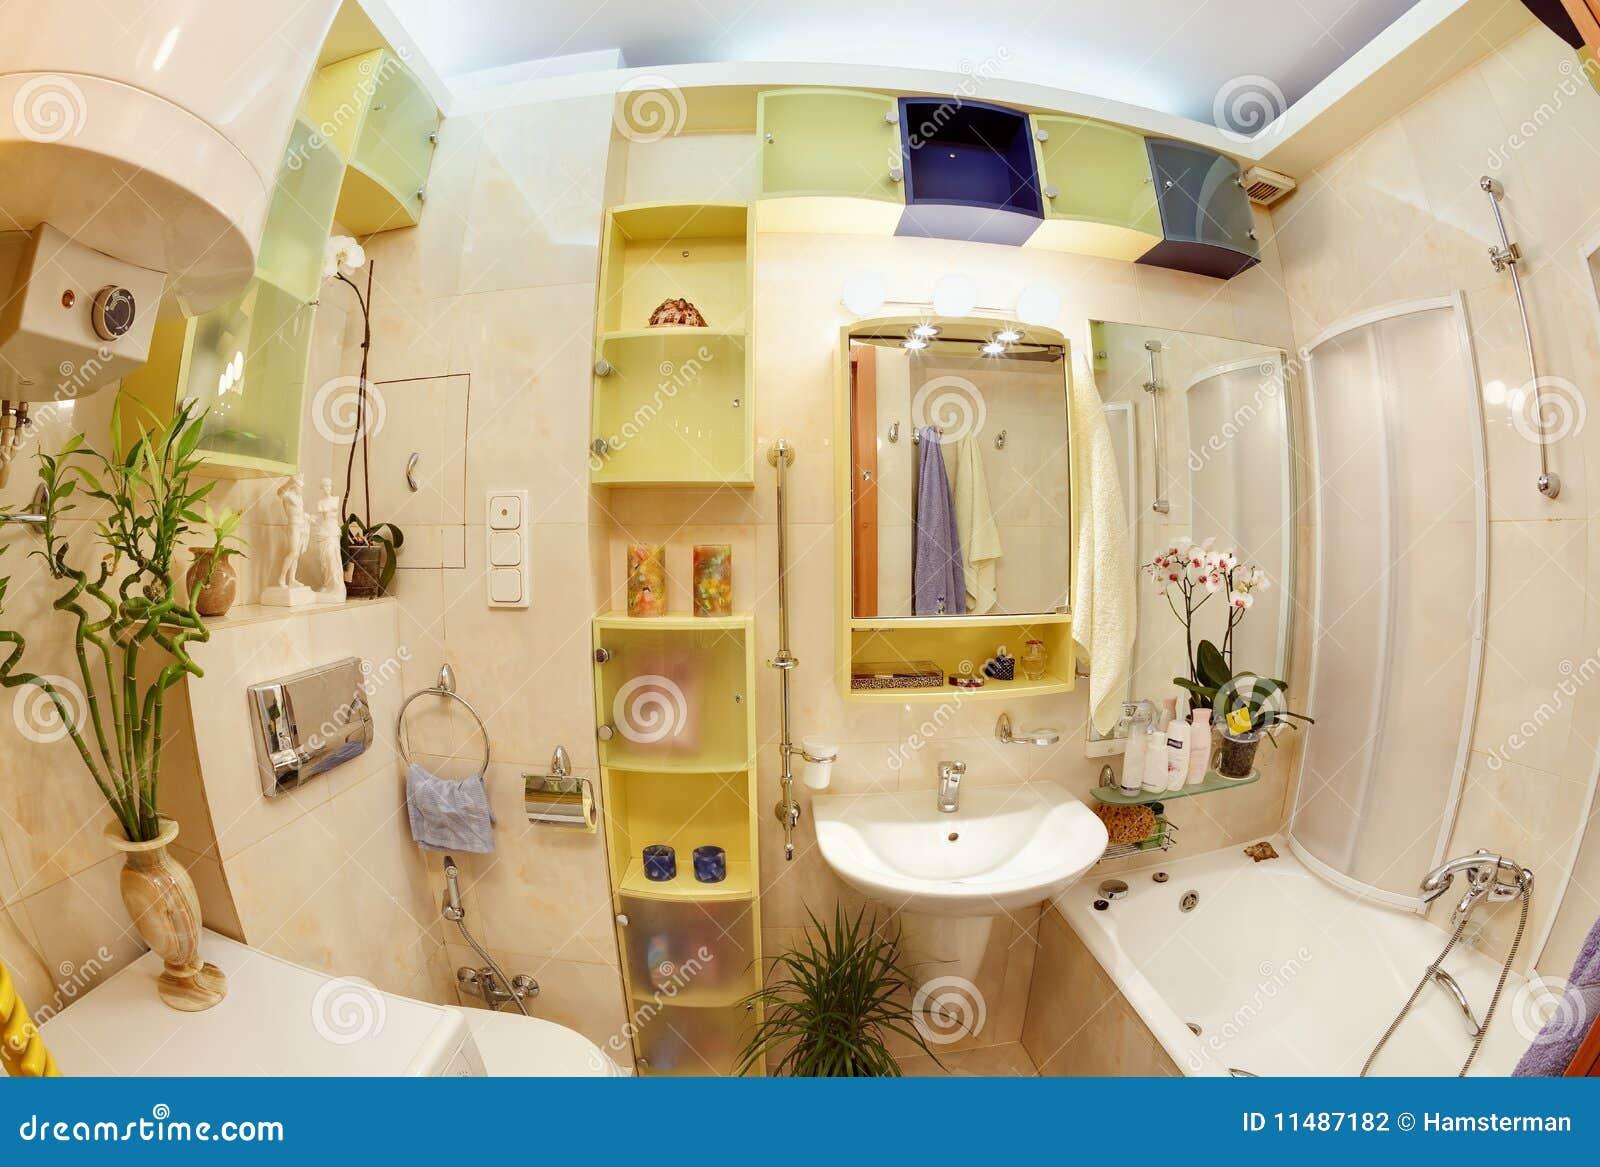 Baños Modernos Amarillos: archivo: Cuarto de baño moderno en colores vivos amarillos y azules